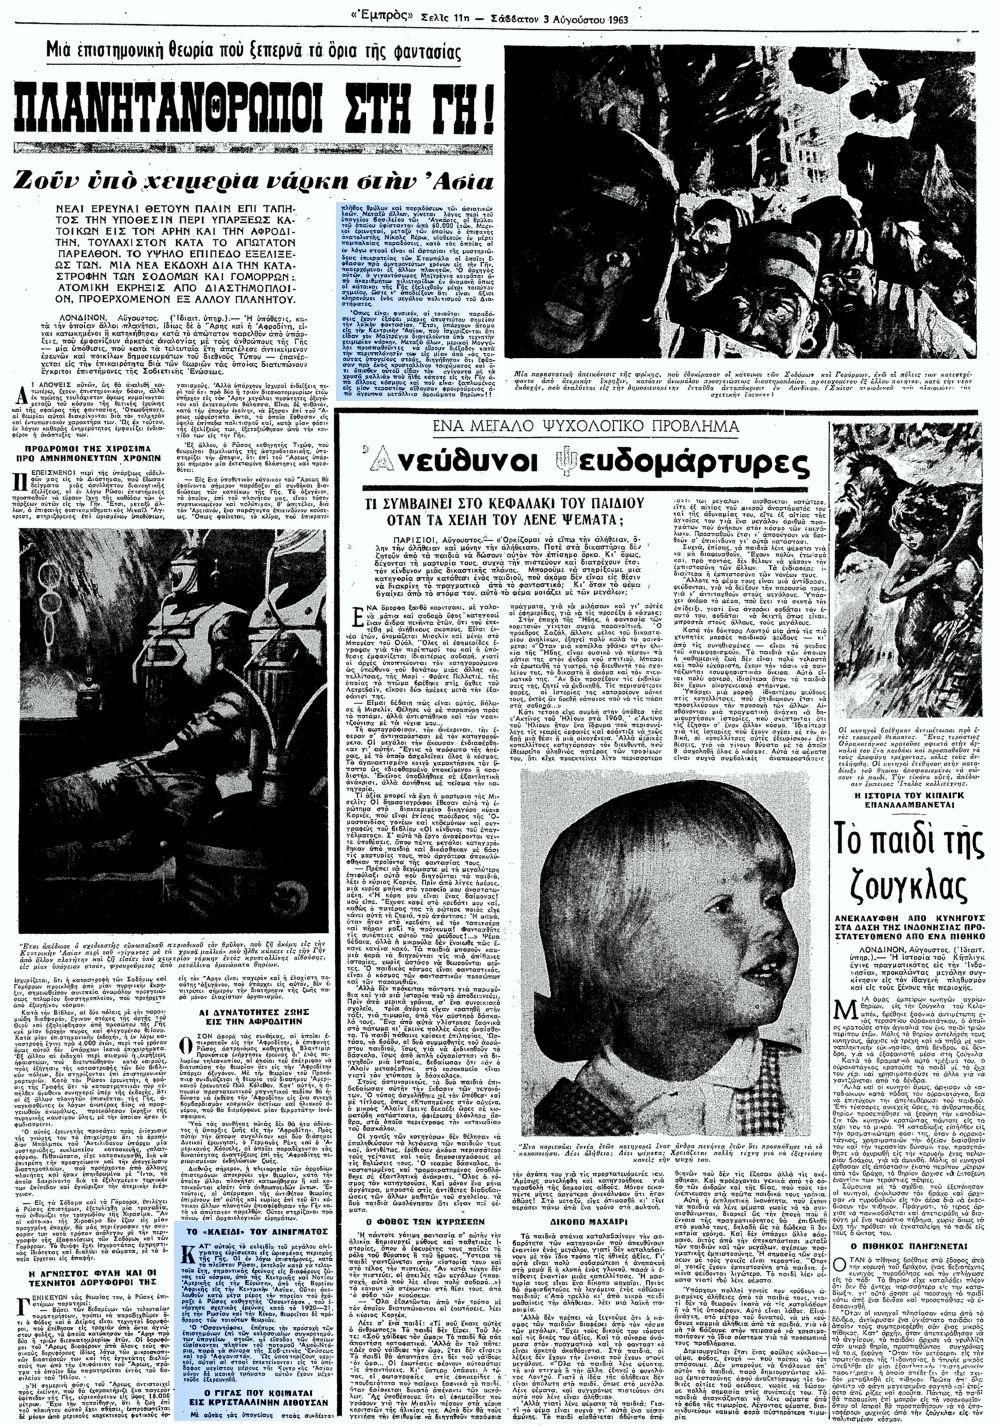 """Το άρθρο, όπως δημοσιεύθηκε στην εφημερίδα """"ΕΜΠΡΟΣ"""", στις 03/08/1963"""